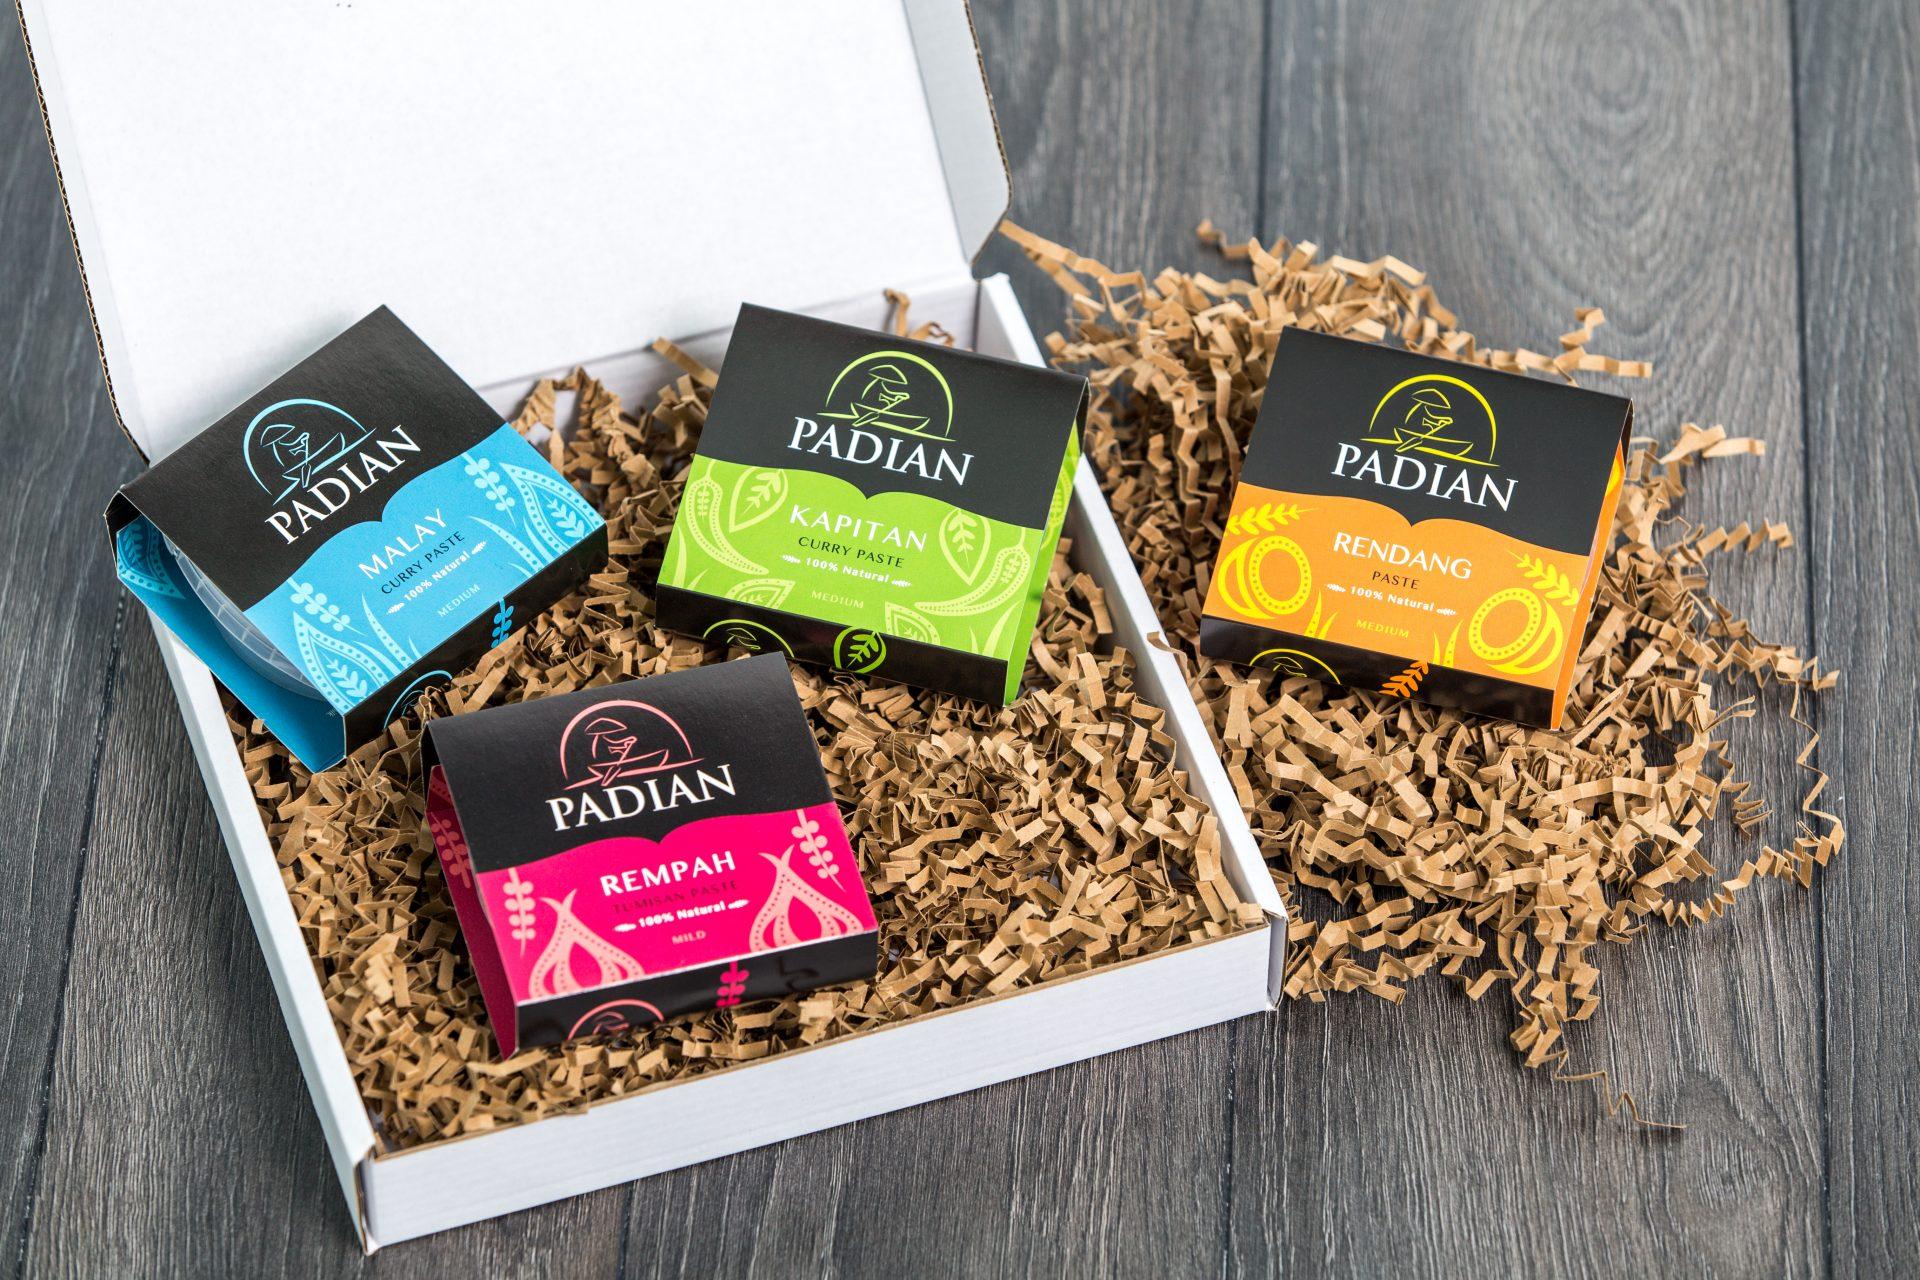 Padian-1 4 Pastes